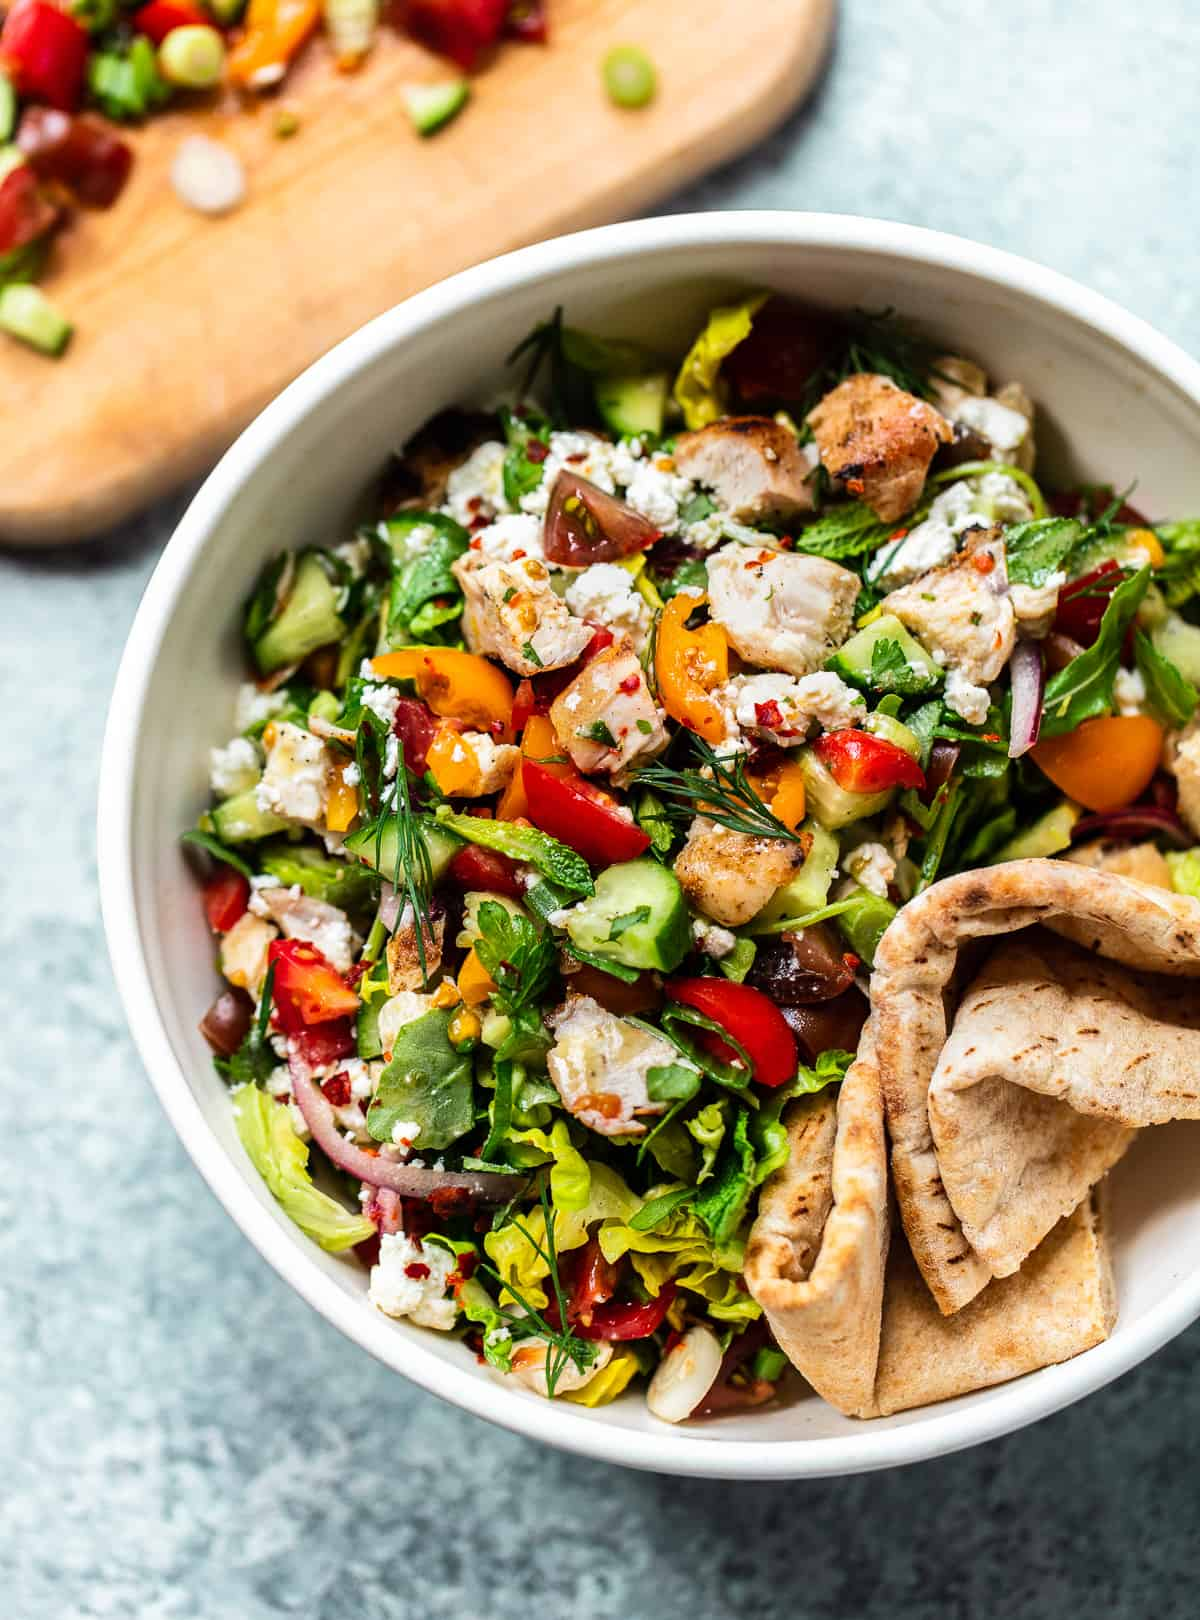 Chopped Chicken Shawarma Salad with Feta